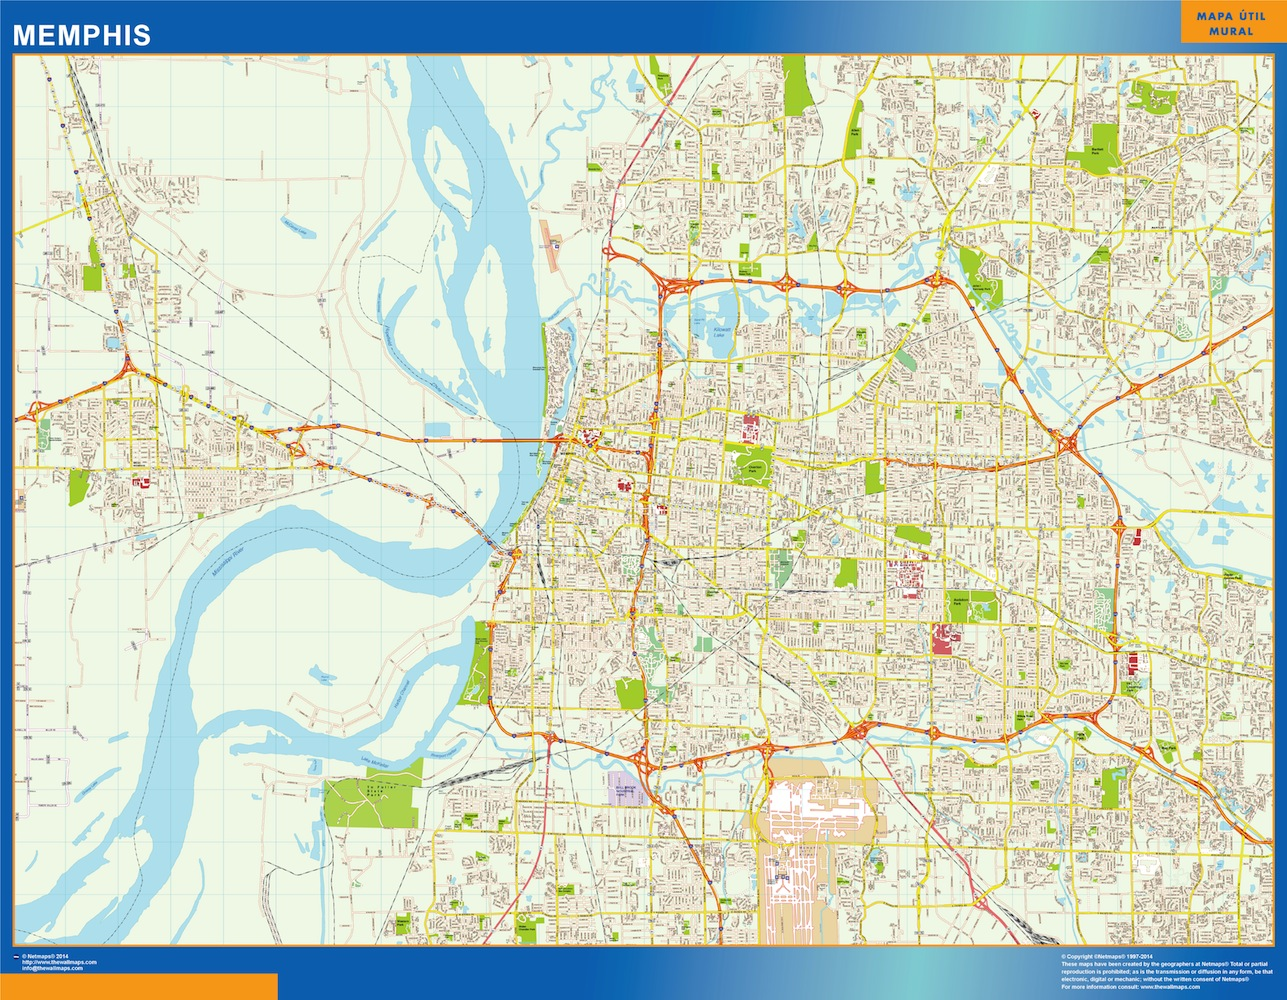 Mapa de Memphis plastificado gigante